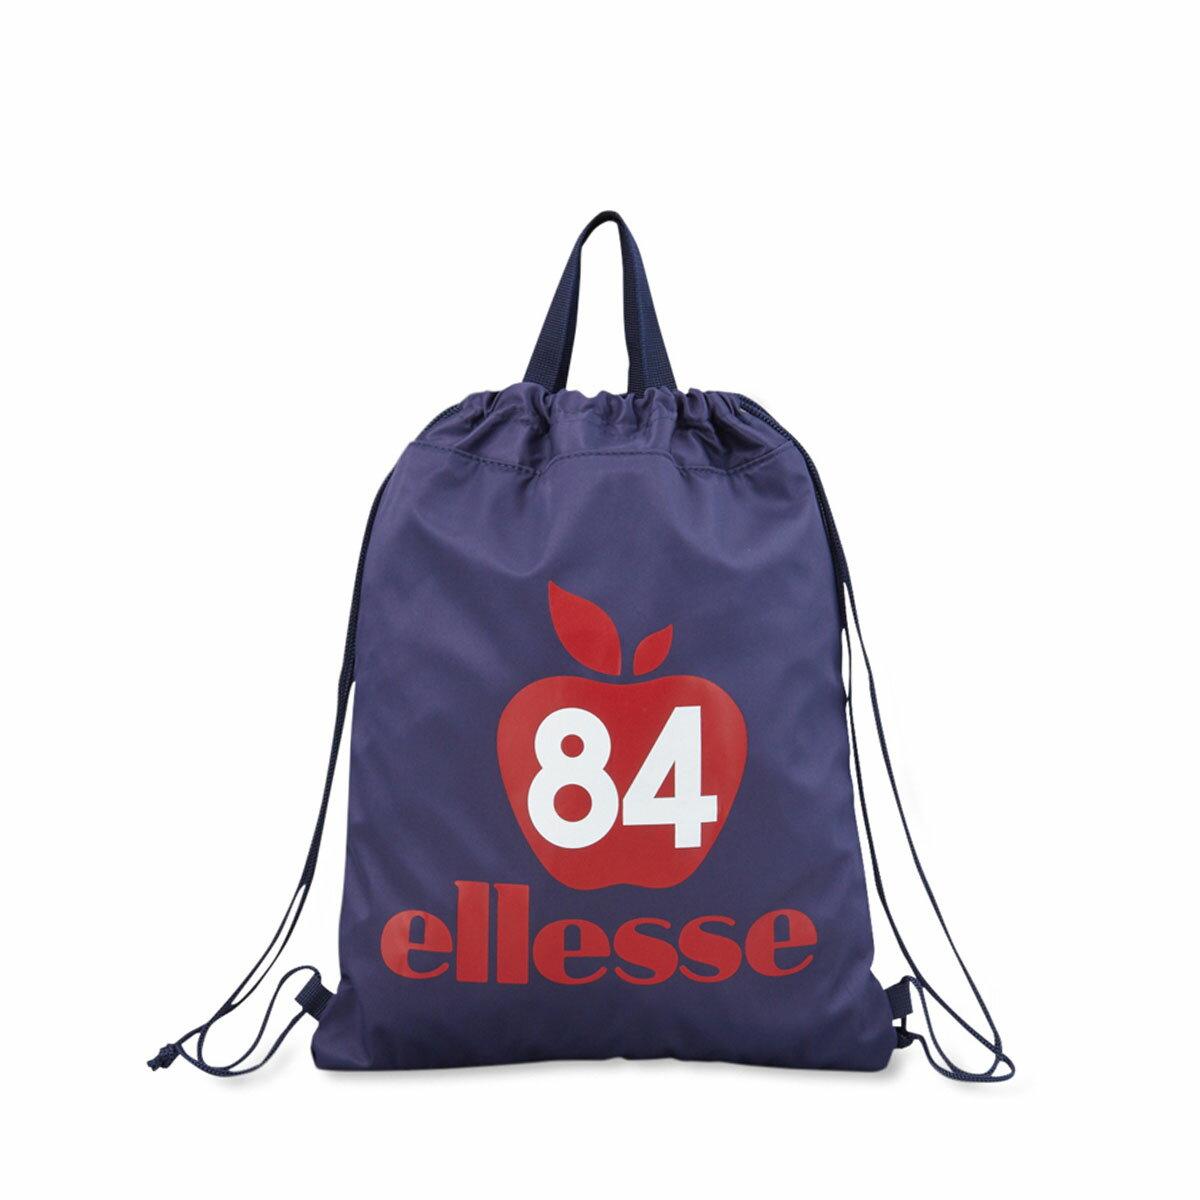 ellesse HERITAGE LAUNDRY BAG(エレッセ ヘリテージ ランドリー バッグ)NAVY/APPLE【メンズ レディース トートバッグ】18SP-I